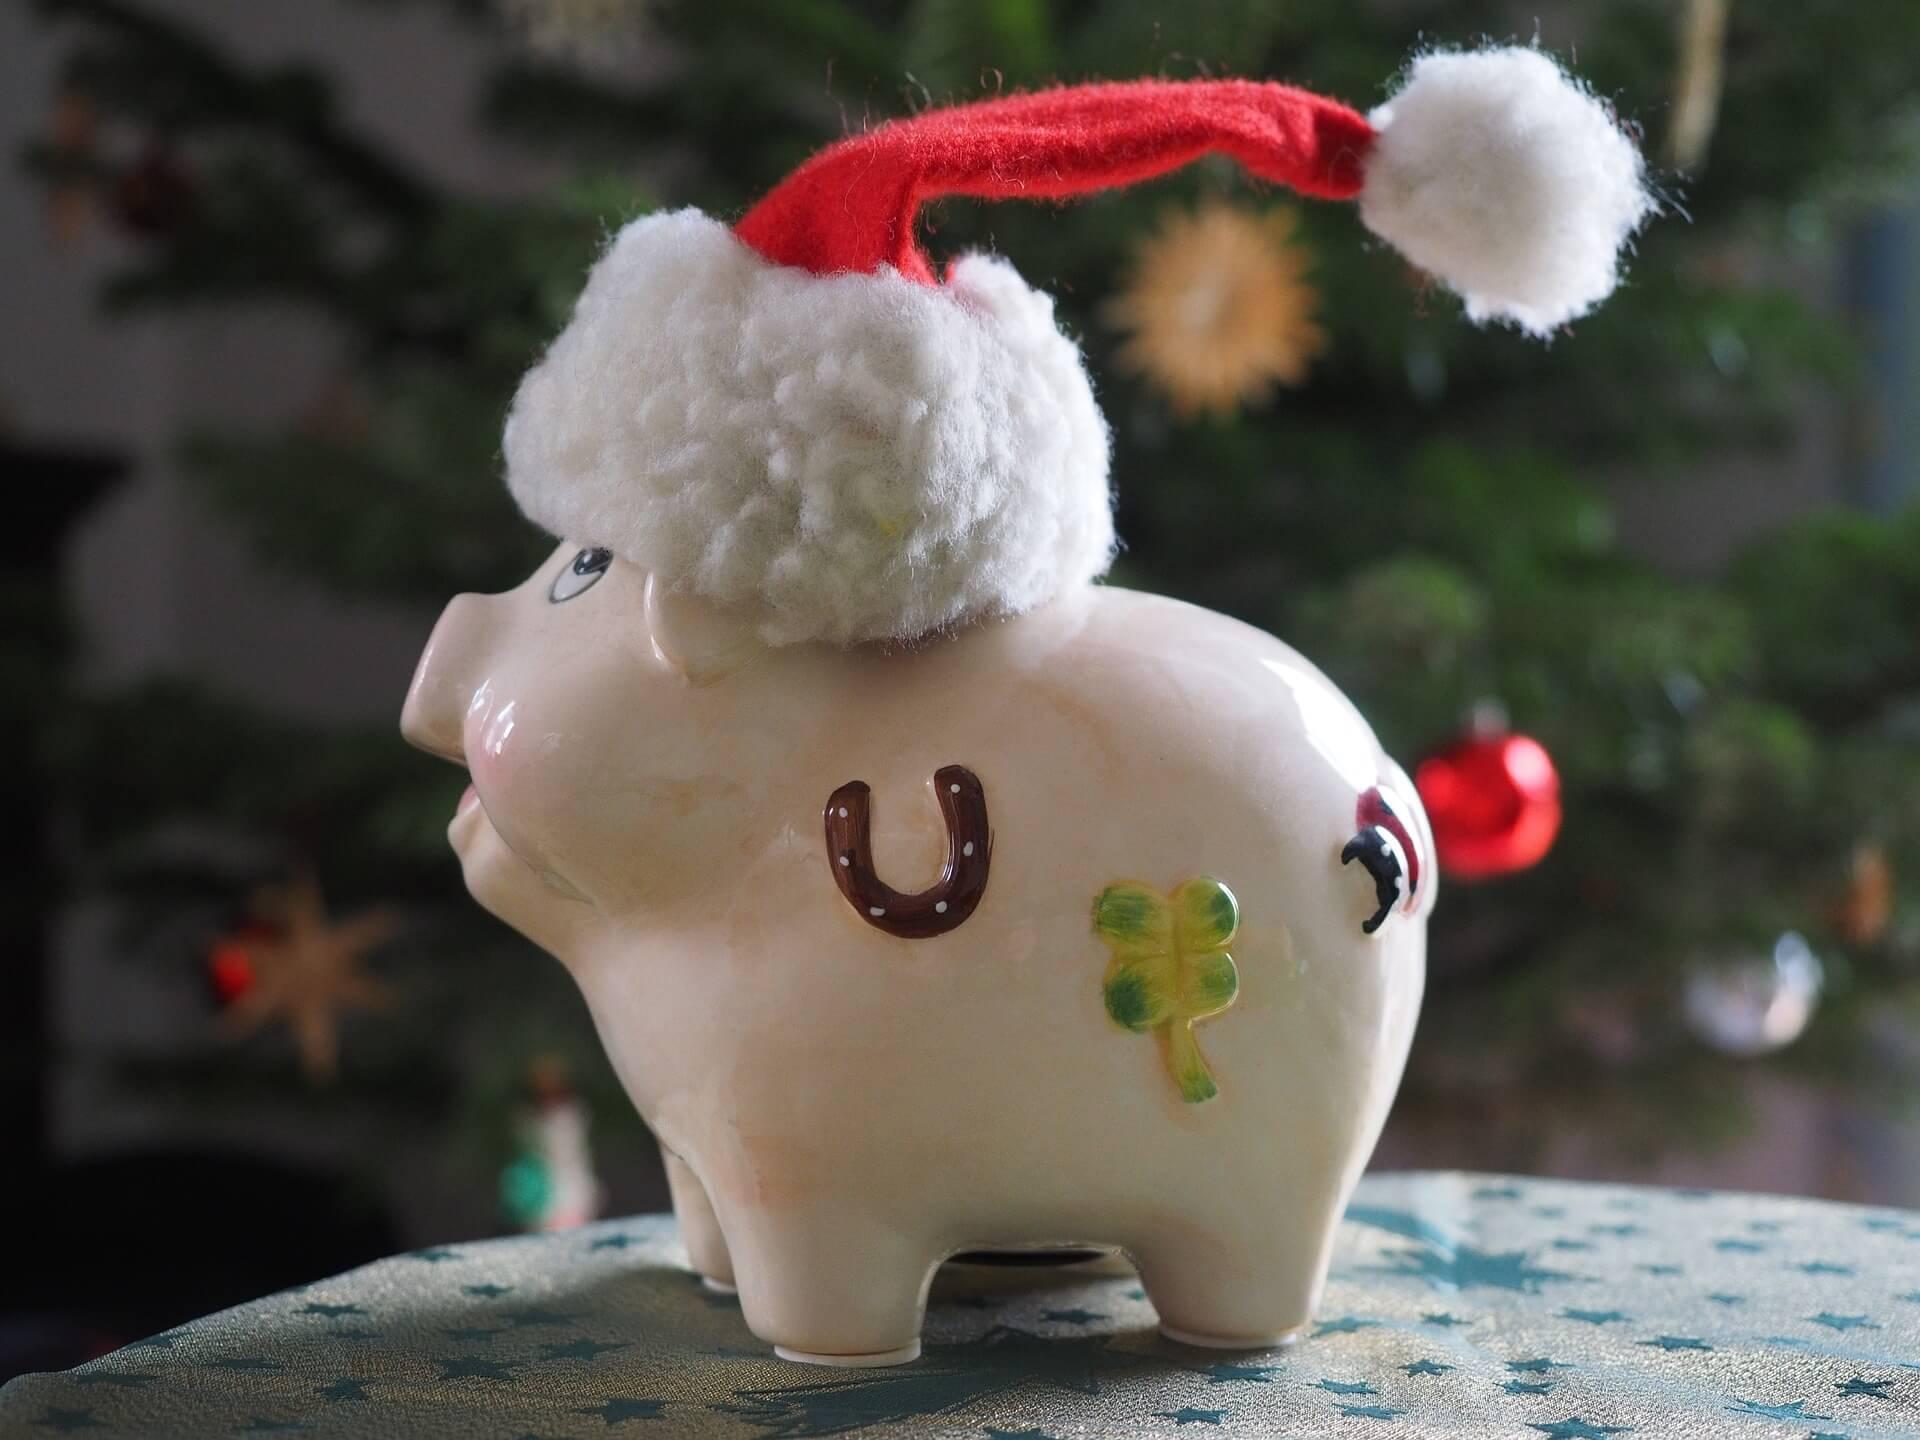 Bästa sättet att planera och budgetera julen för en säkrare privatekonomi